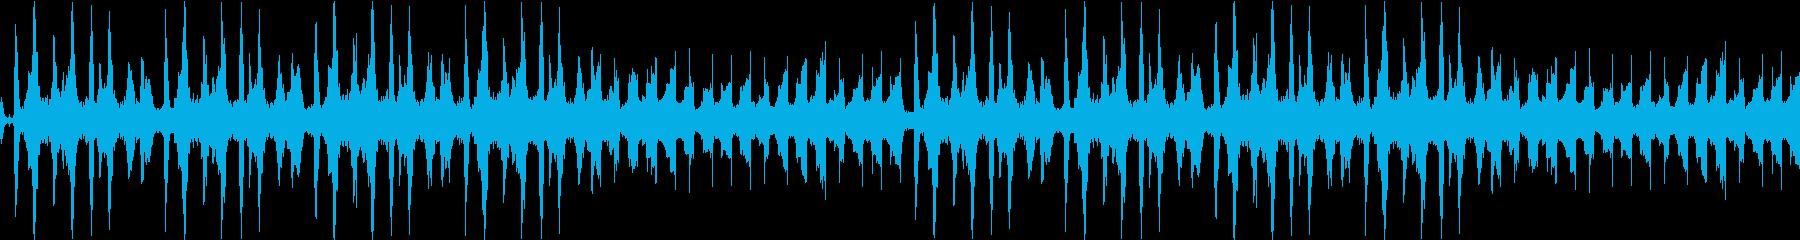 神秘的・リラックス・エレクトロ・ループの再生済みの波形